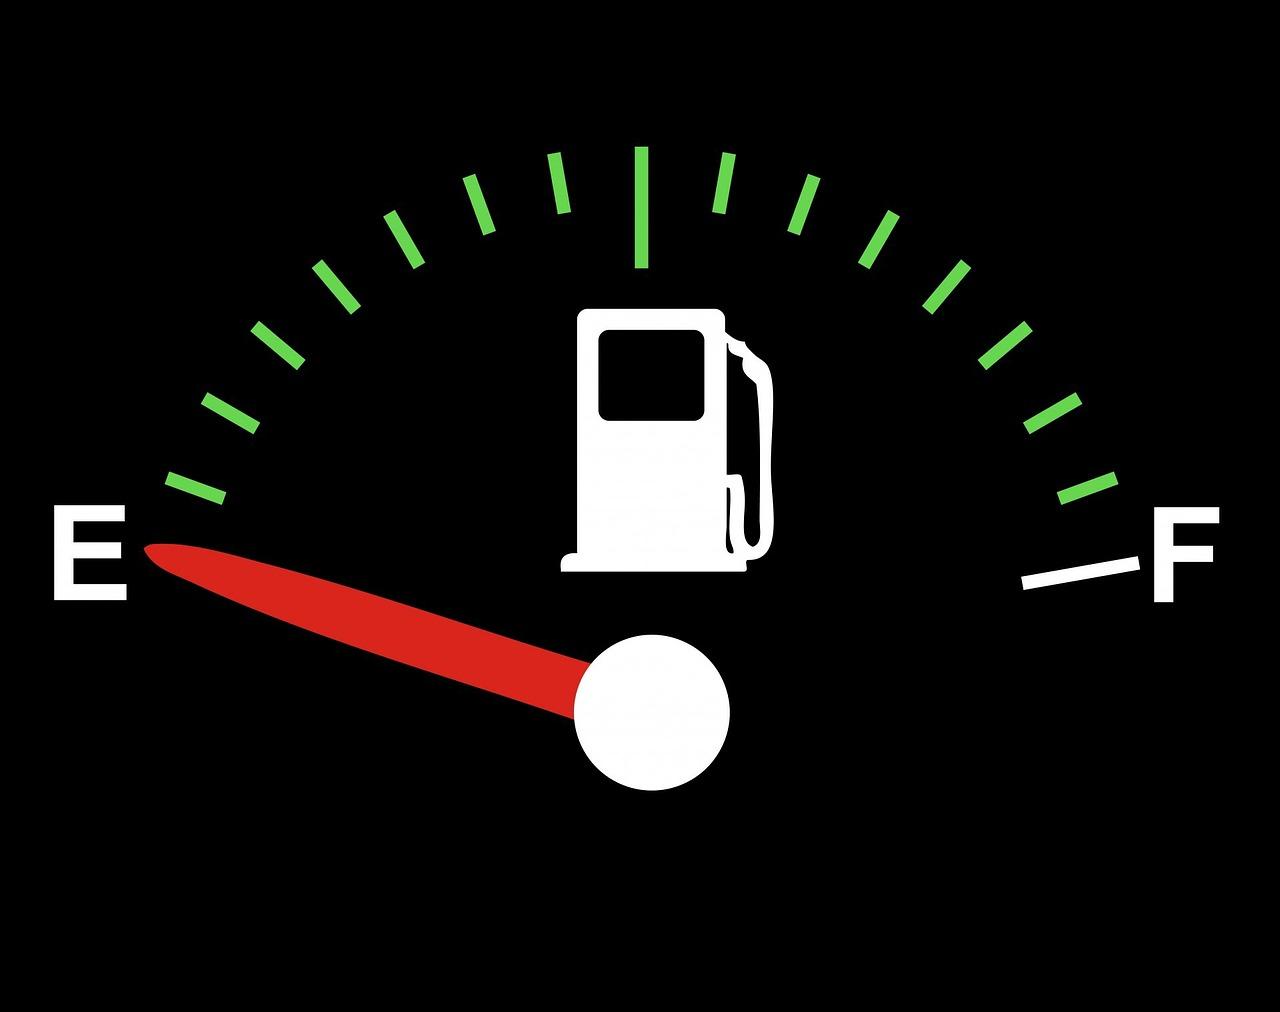 En abril, cambiará cada hora precio de gasolinas: CRE